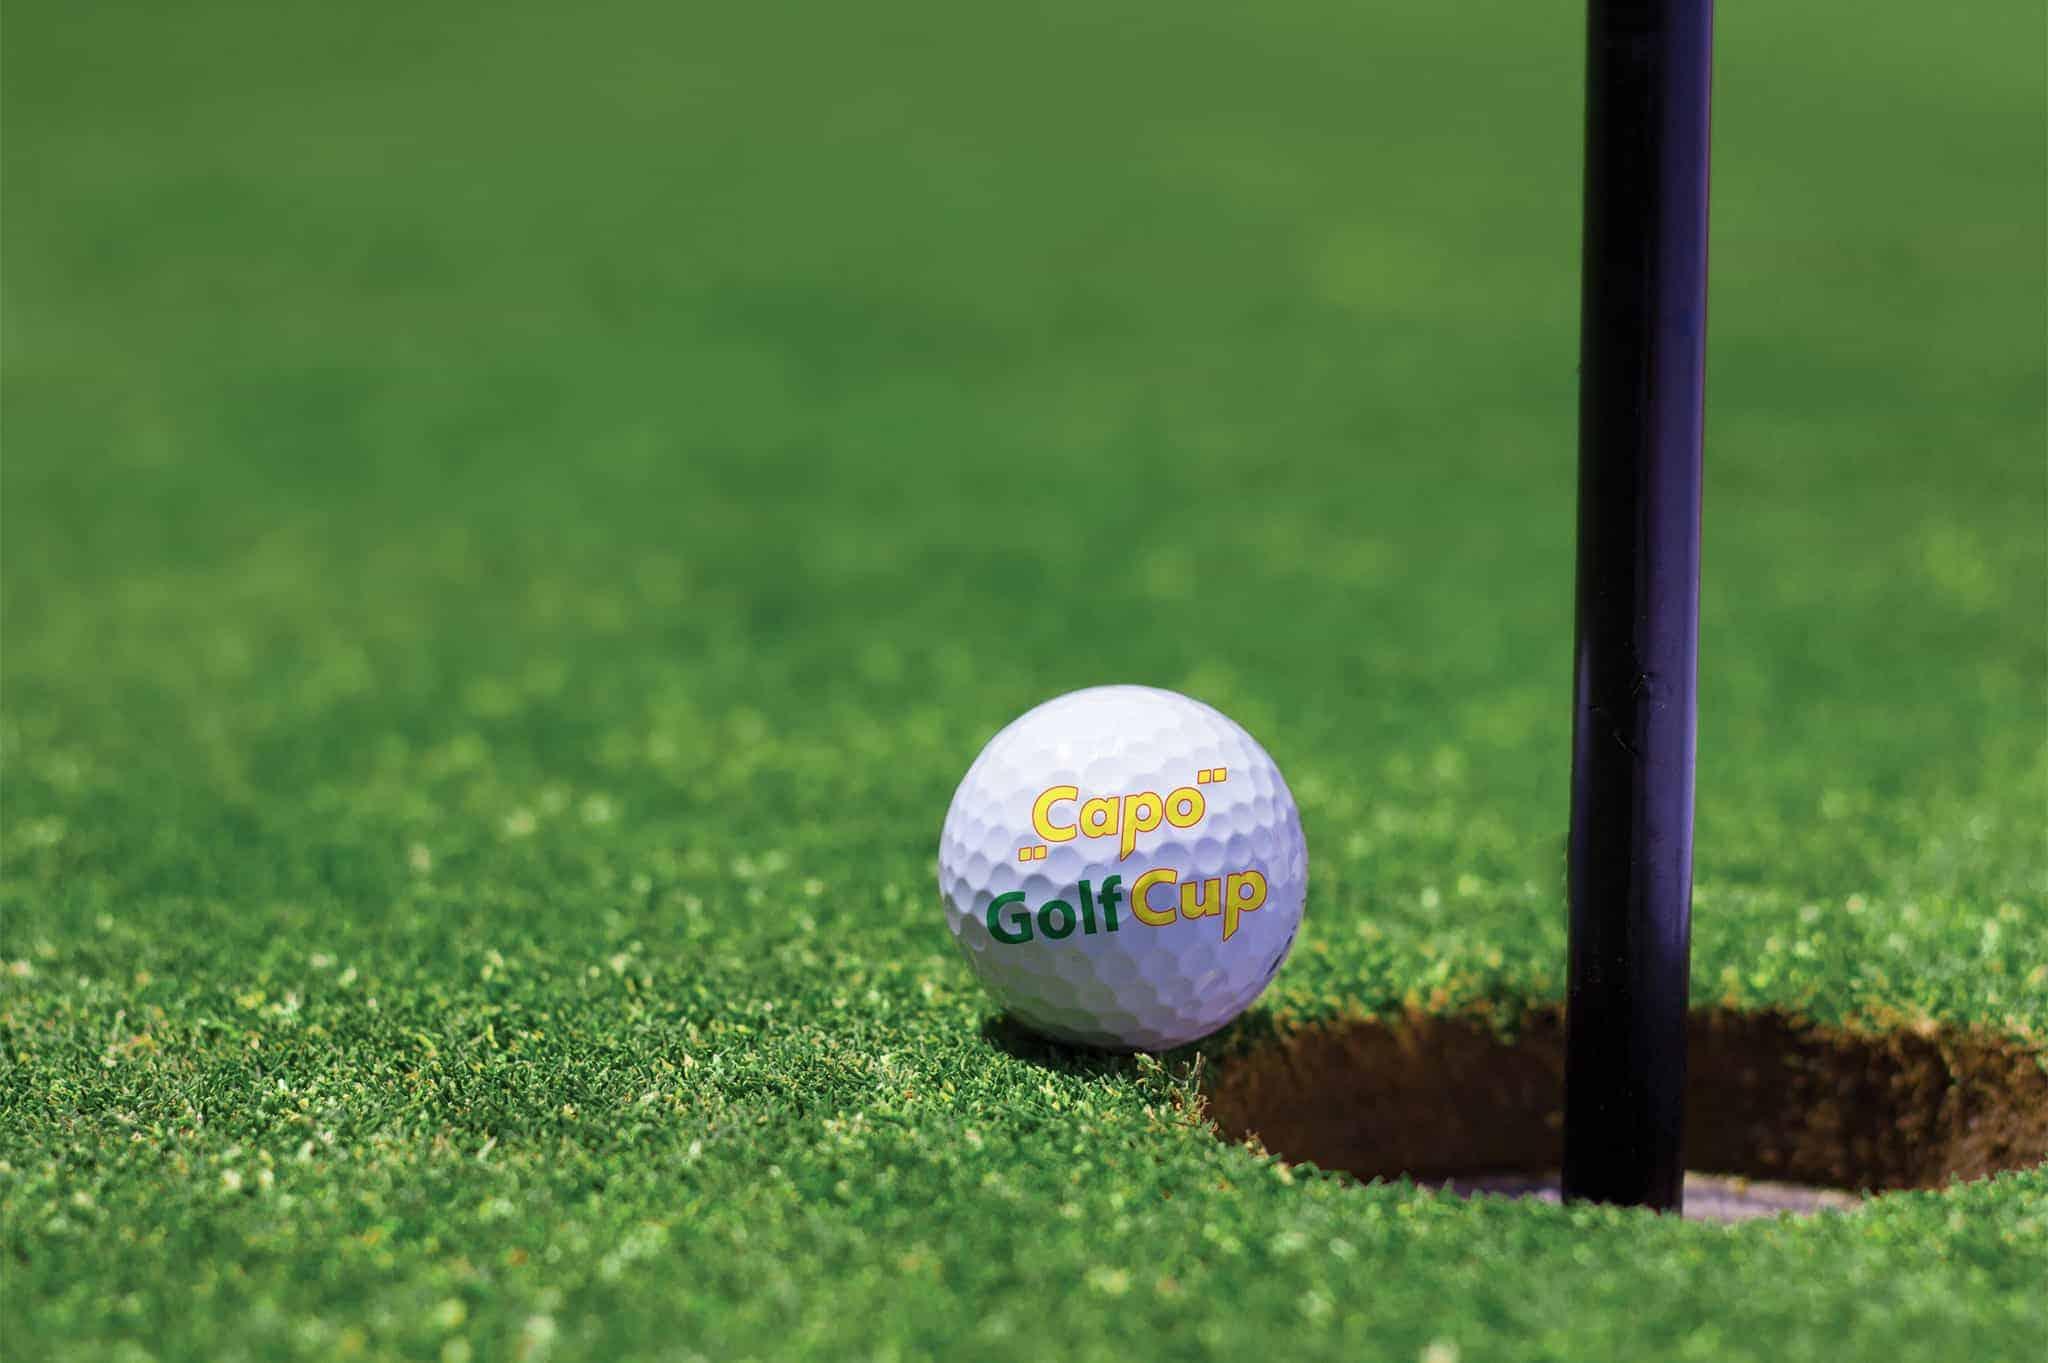 Capo brus! Hva med Capo golf cup?